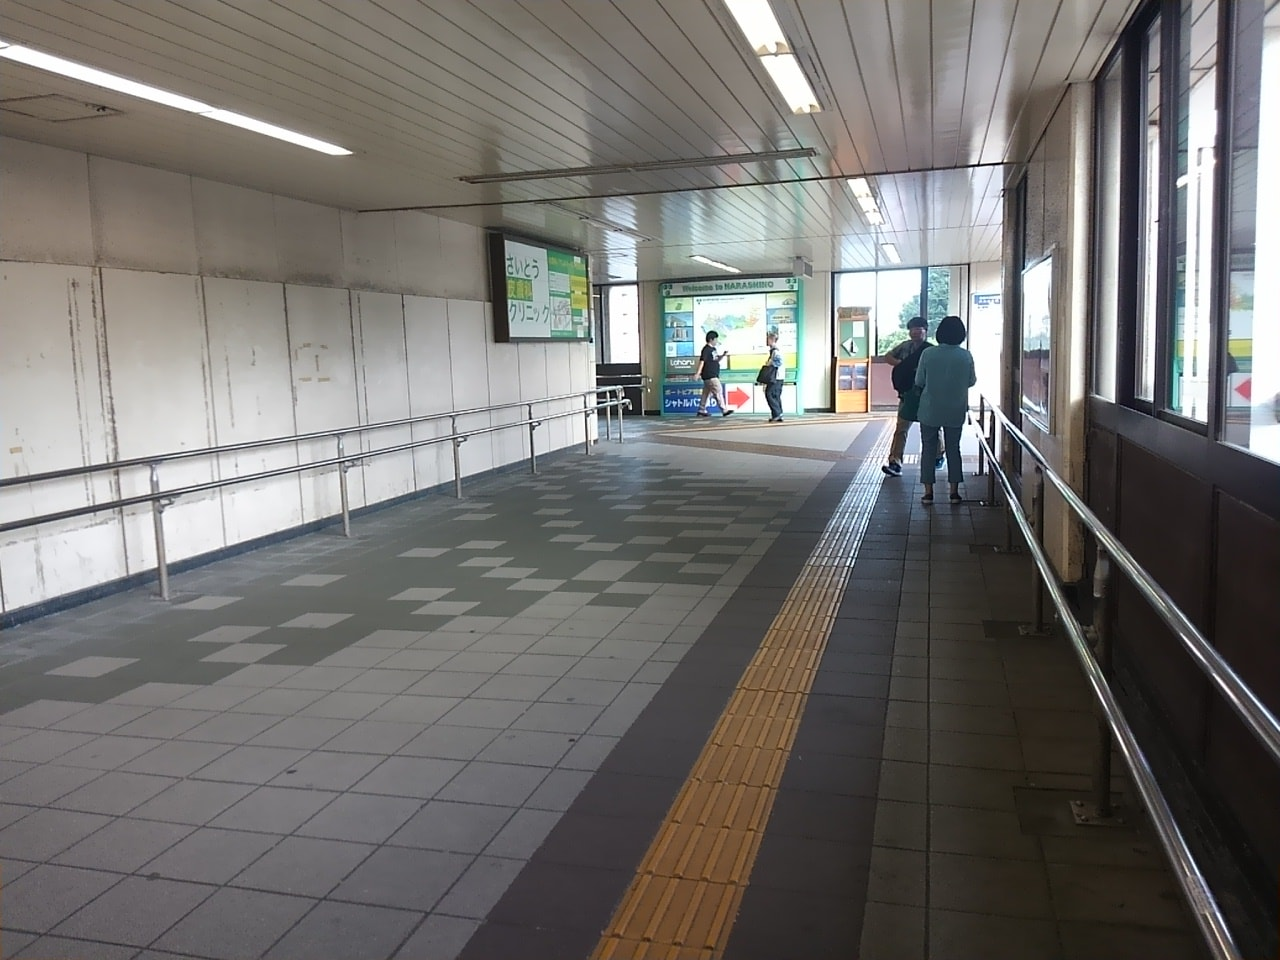 津田沼公園の場所やアクセス